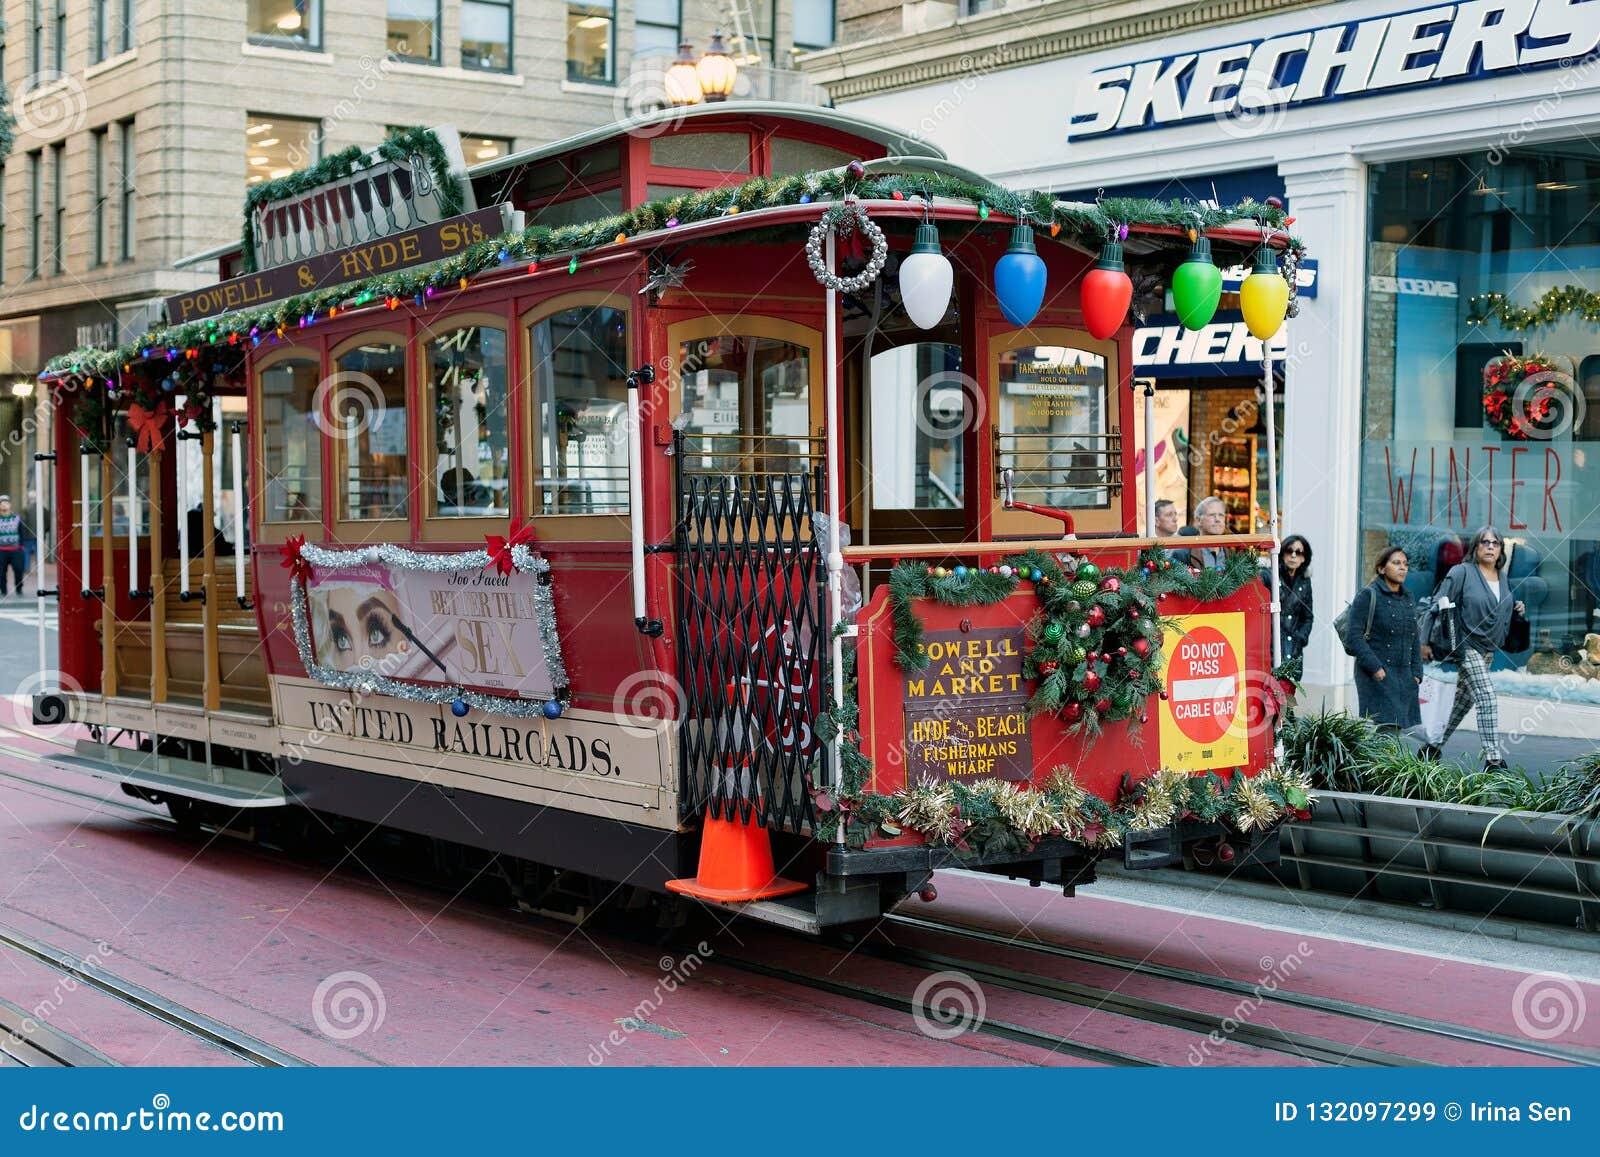 San Francisco, Verenigde Staten - is de Kabelwagentram powell-Hyde beroemde toeristische attractie